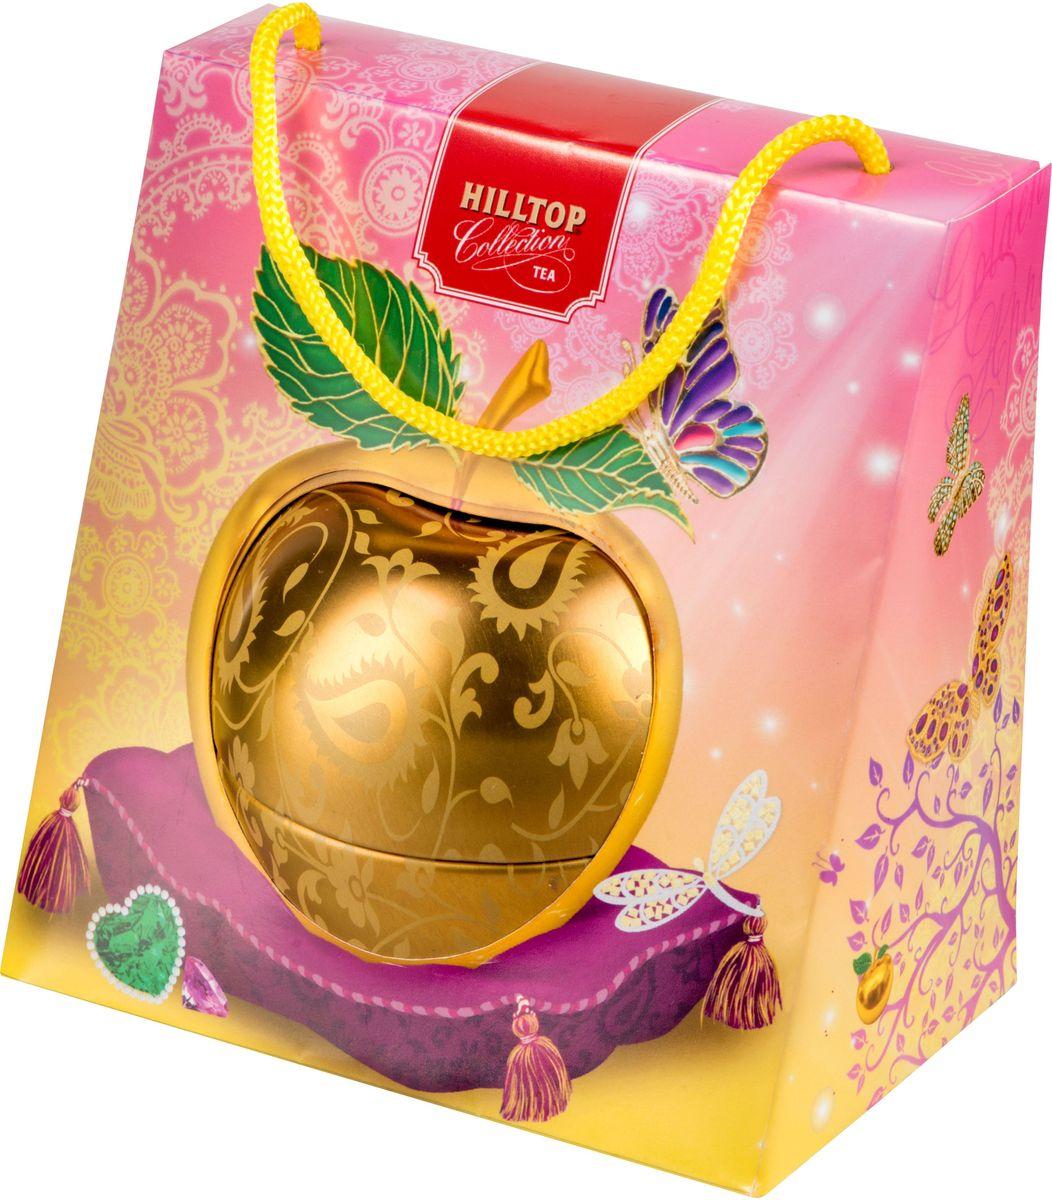 Hilltop Золотое яблочко Королевское золото черный листовой чай, 50 г4607099303201Hilltop Золотое яблочко Королевское золото - черный чай стандарта Супер Пеко с лучших плантаций Цейлона. Выращен в экологически чистой зоне. Настой с глубоким золотистым цветом и изумительным ароматом послужит великолепным дополнением к праздничному столу, а благодаря красивой праздничной упаковке вы можете подарить этот прекрасный чай своим друзьям и близким.